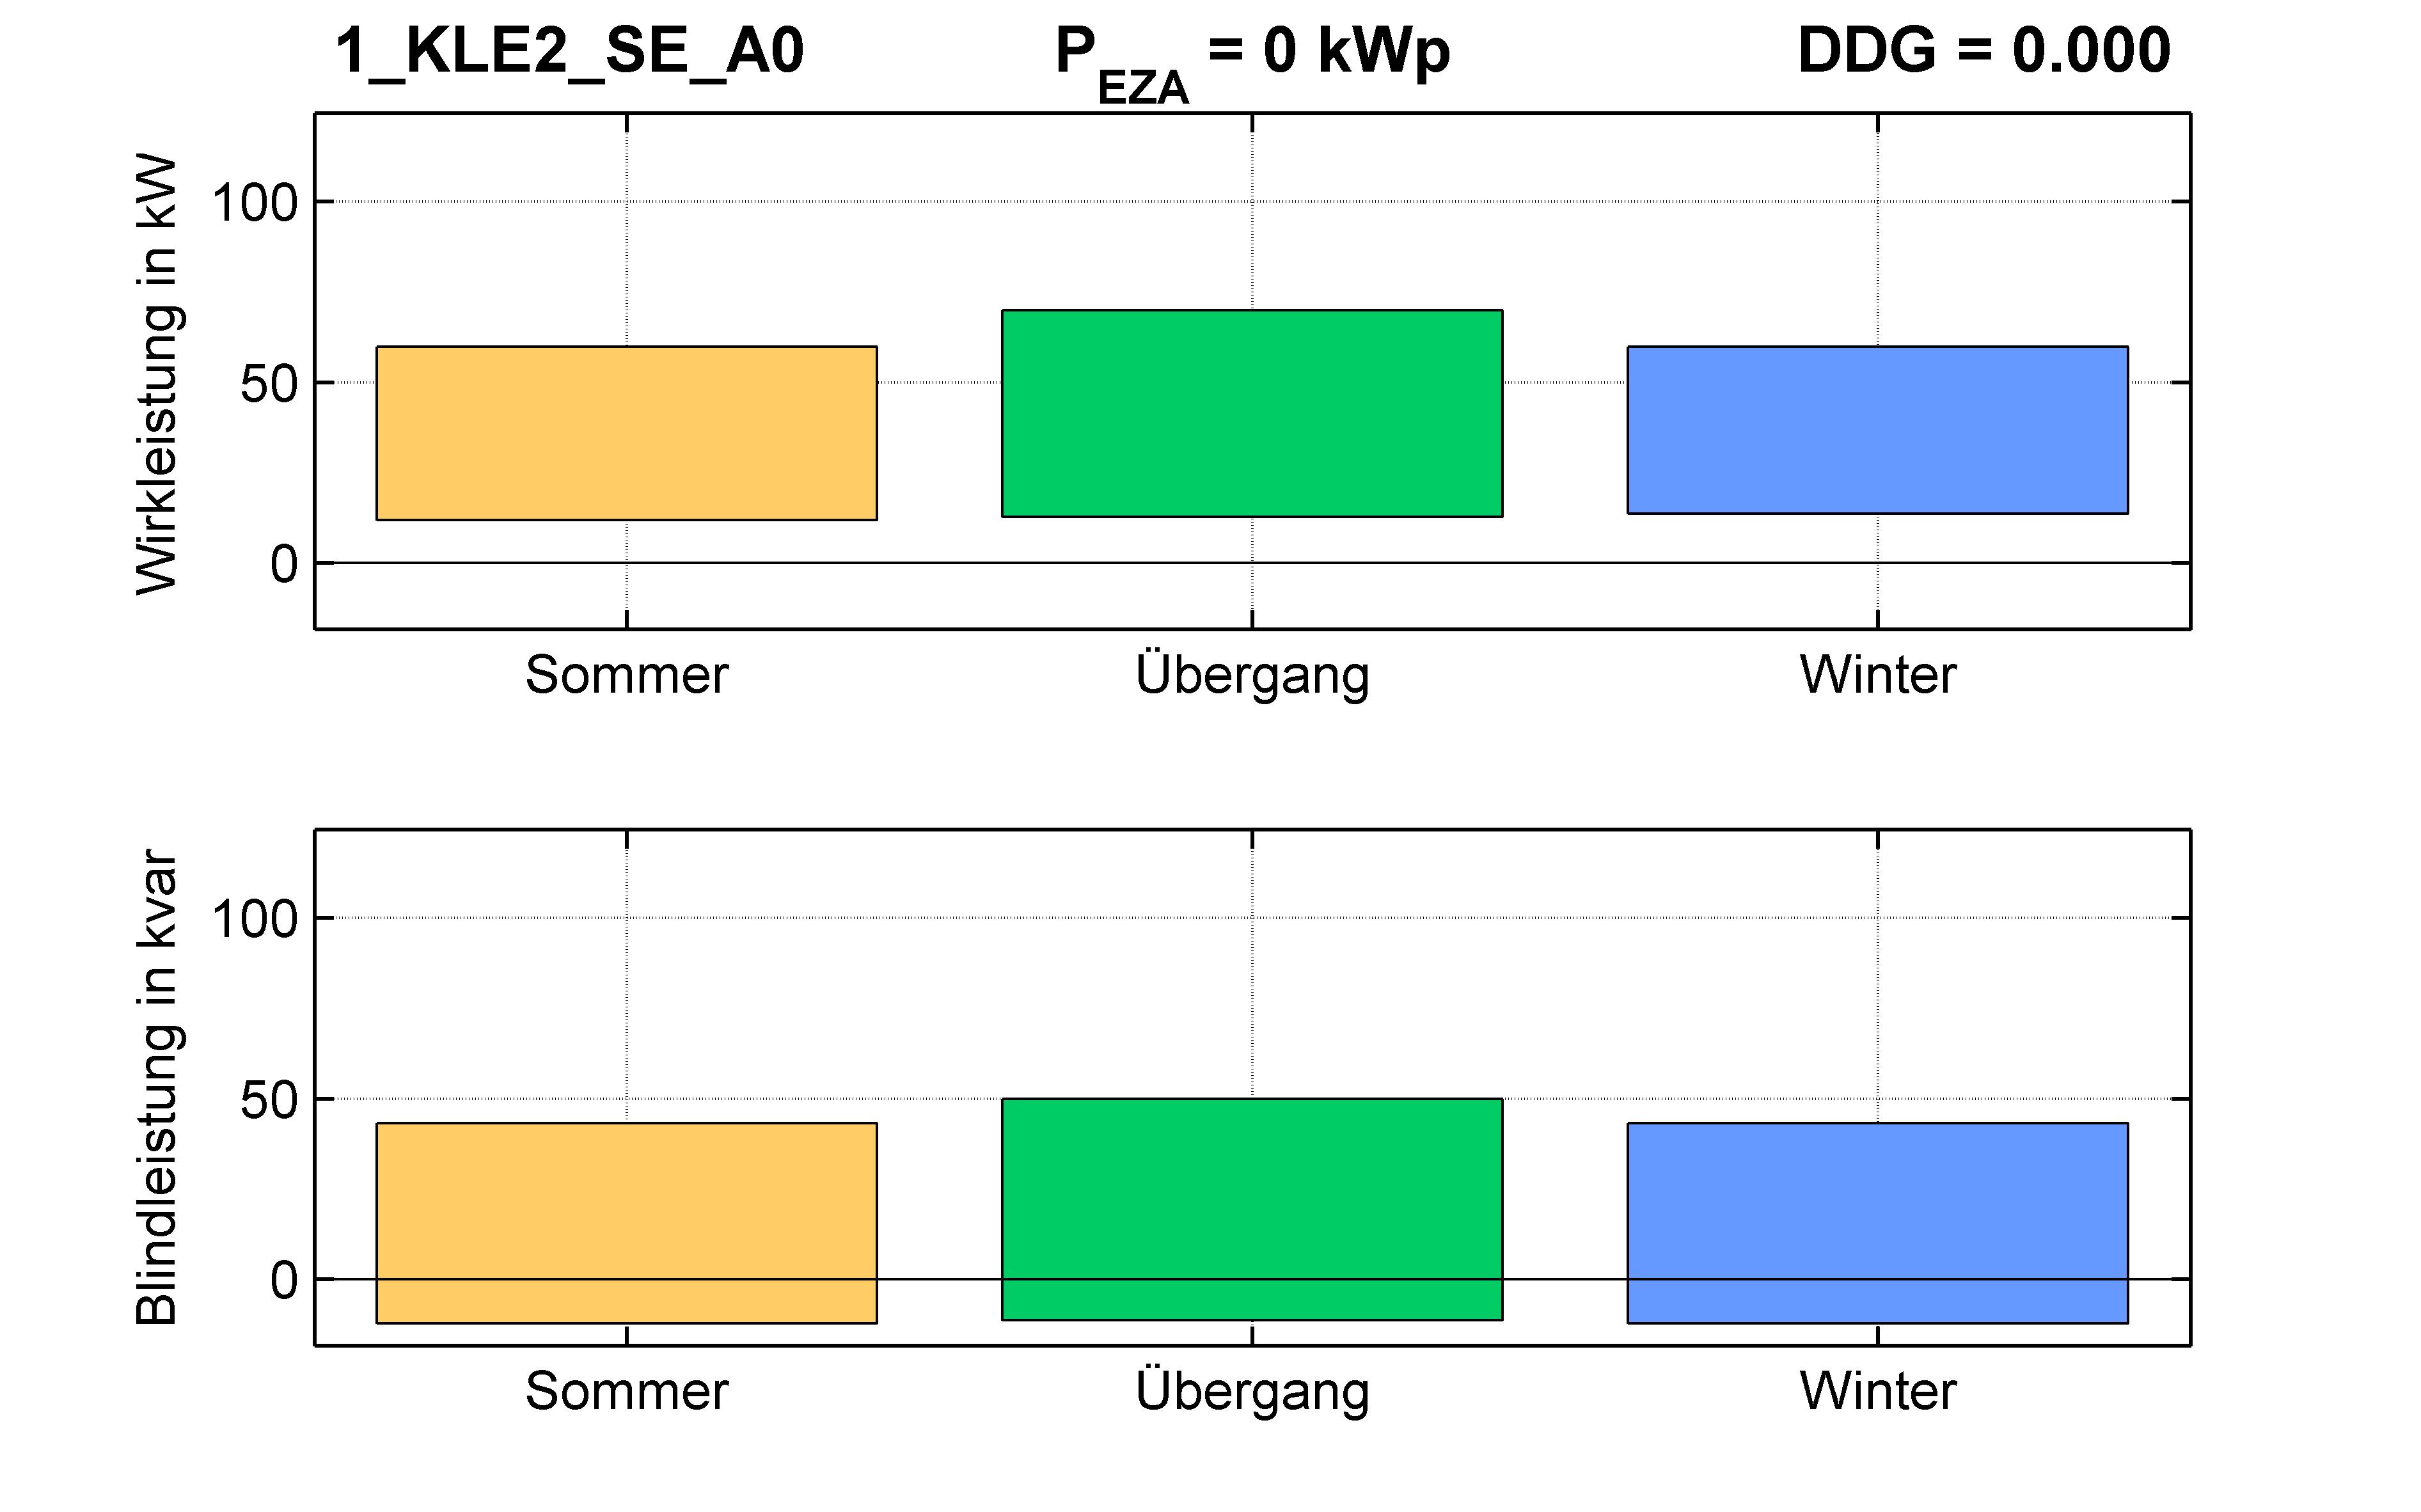 KLE2 | KABEL (SE) A0 | PQ-Bilanz